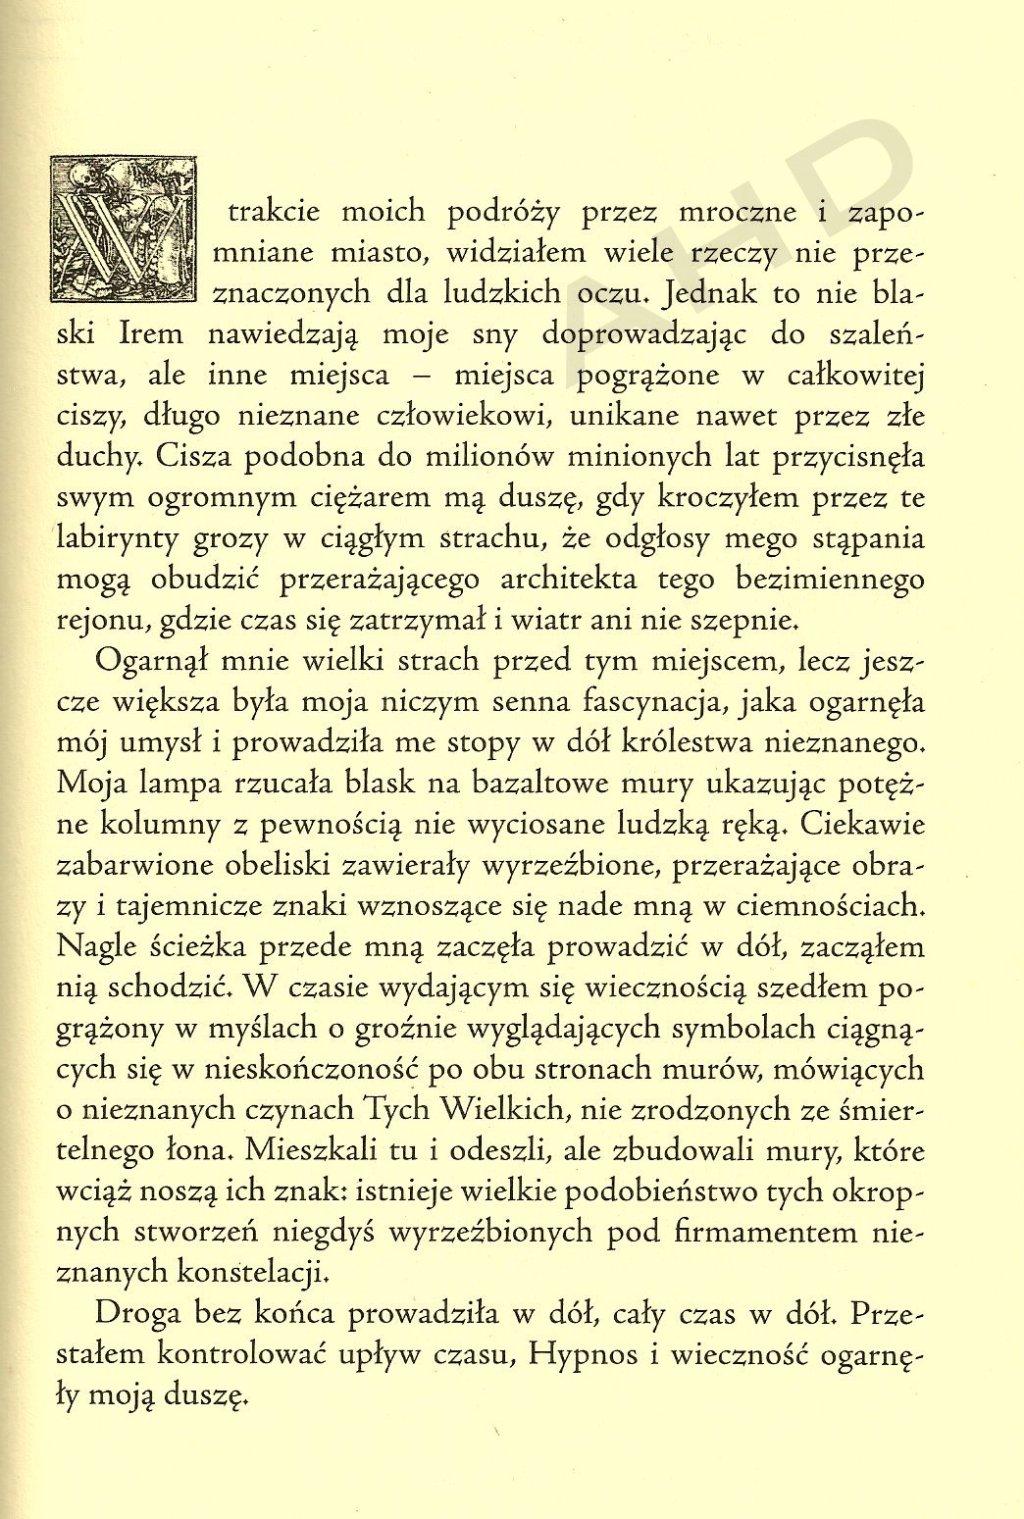 necronomikon 1516 (5)